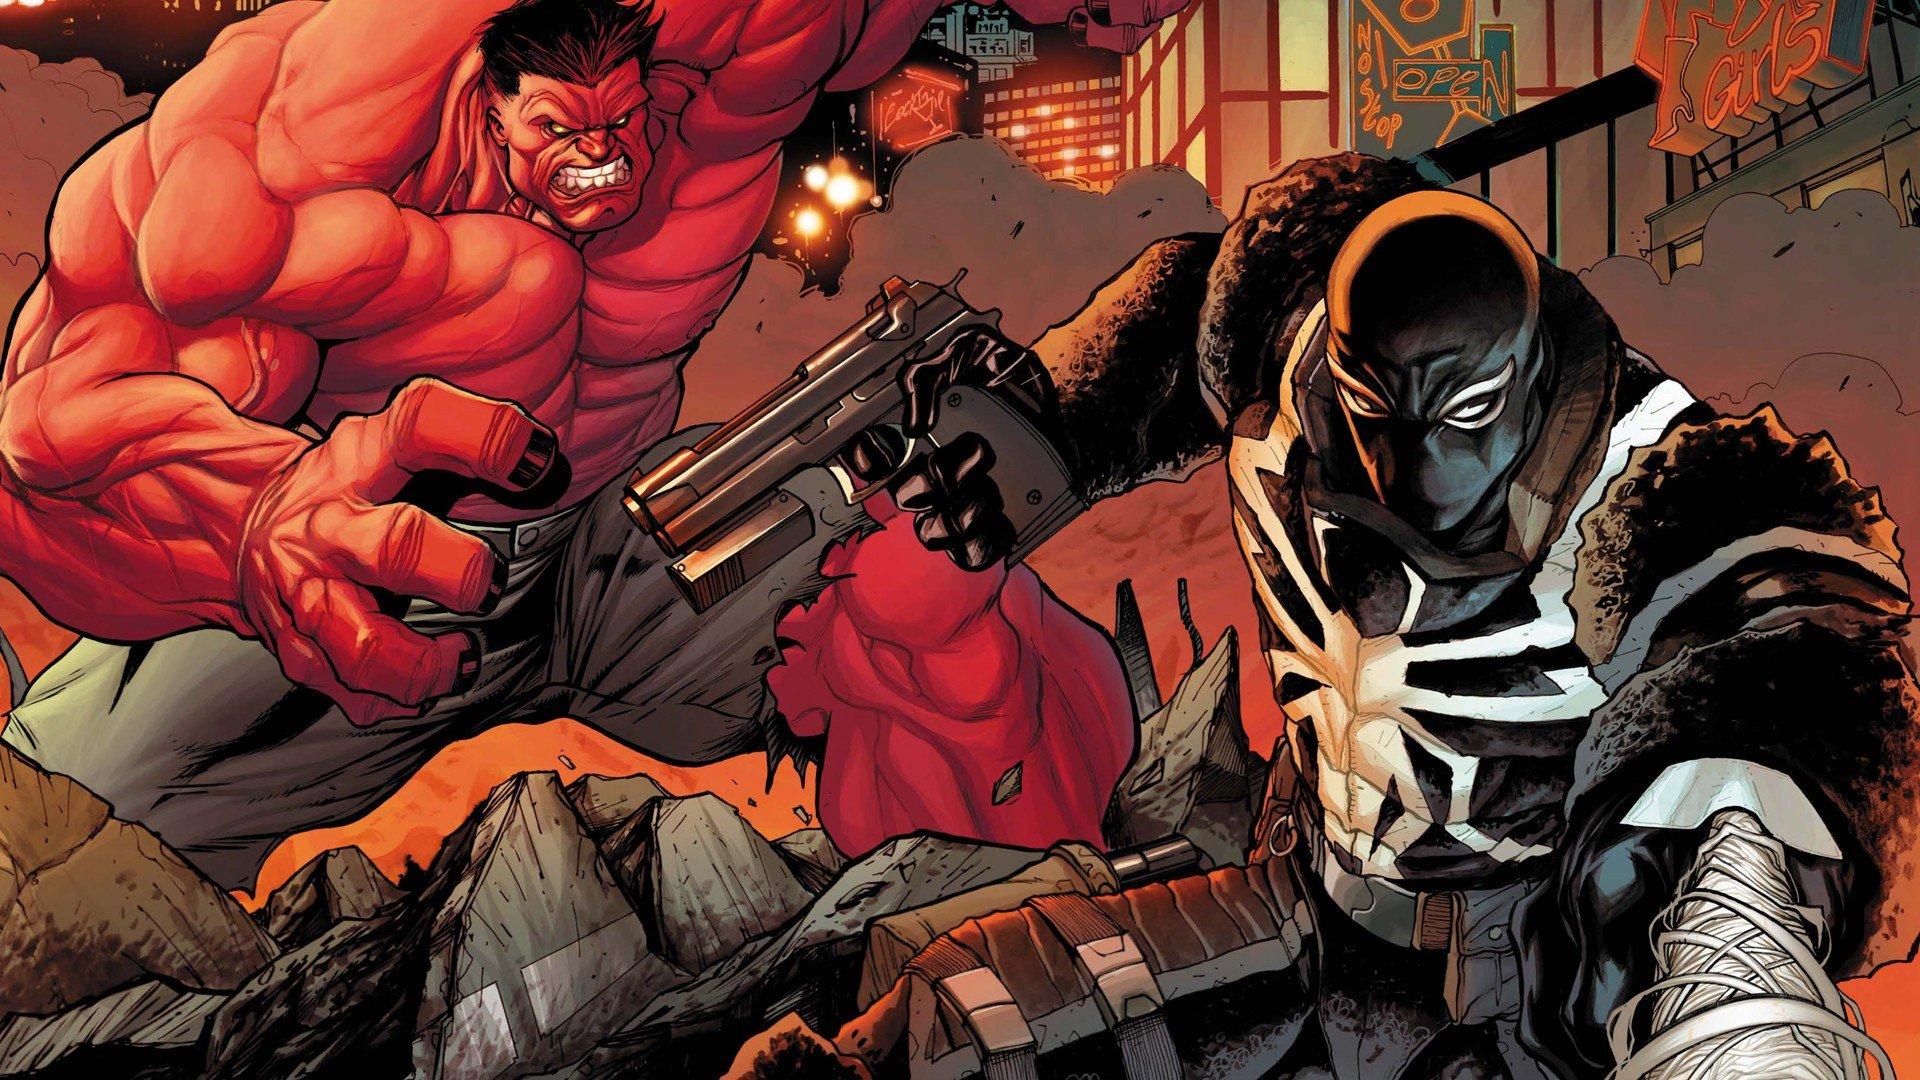 Супергерои комиксов, которые заслуживают собственных экранизаций. - Изображение 4